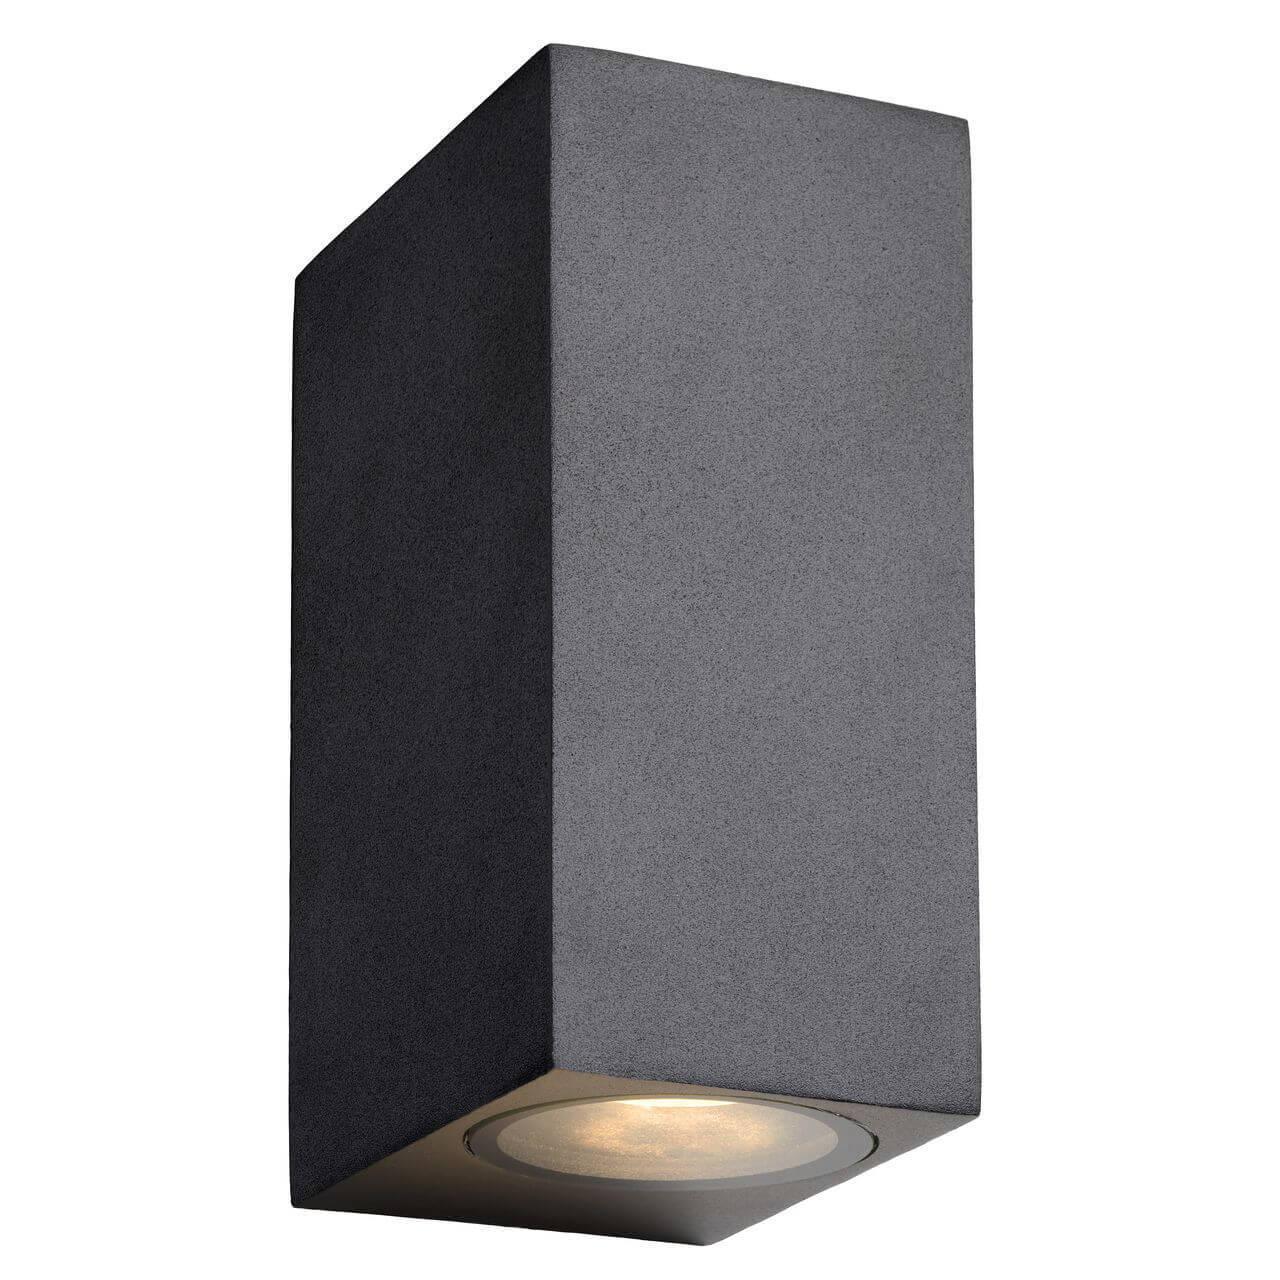 Уличный светильник Lucide 22860/10/30, GU10 недорого